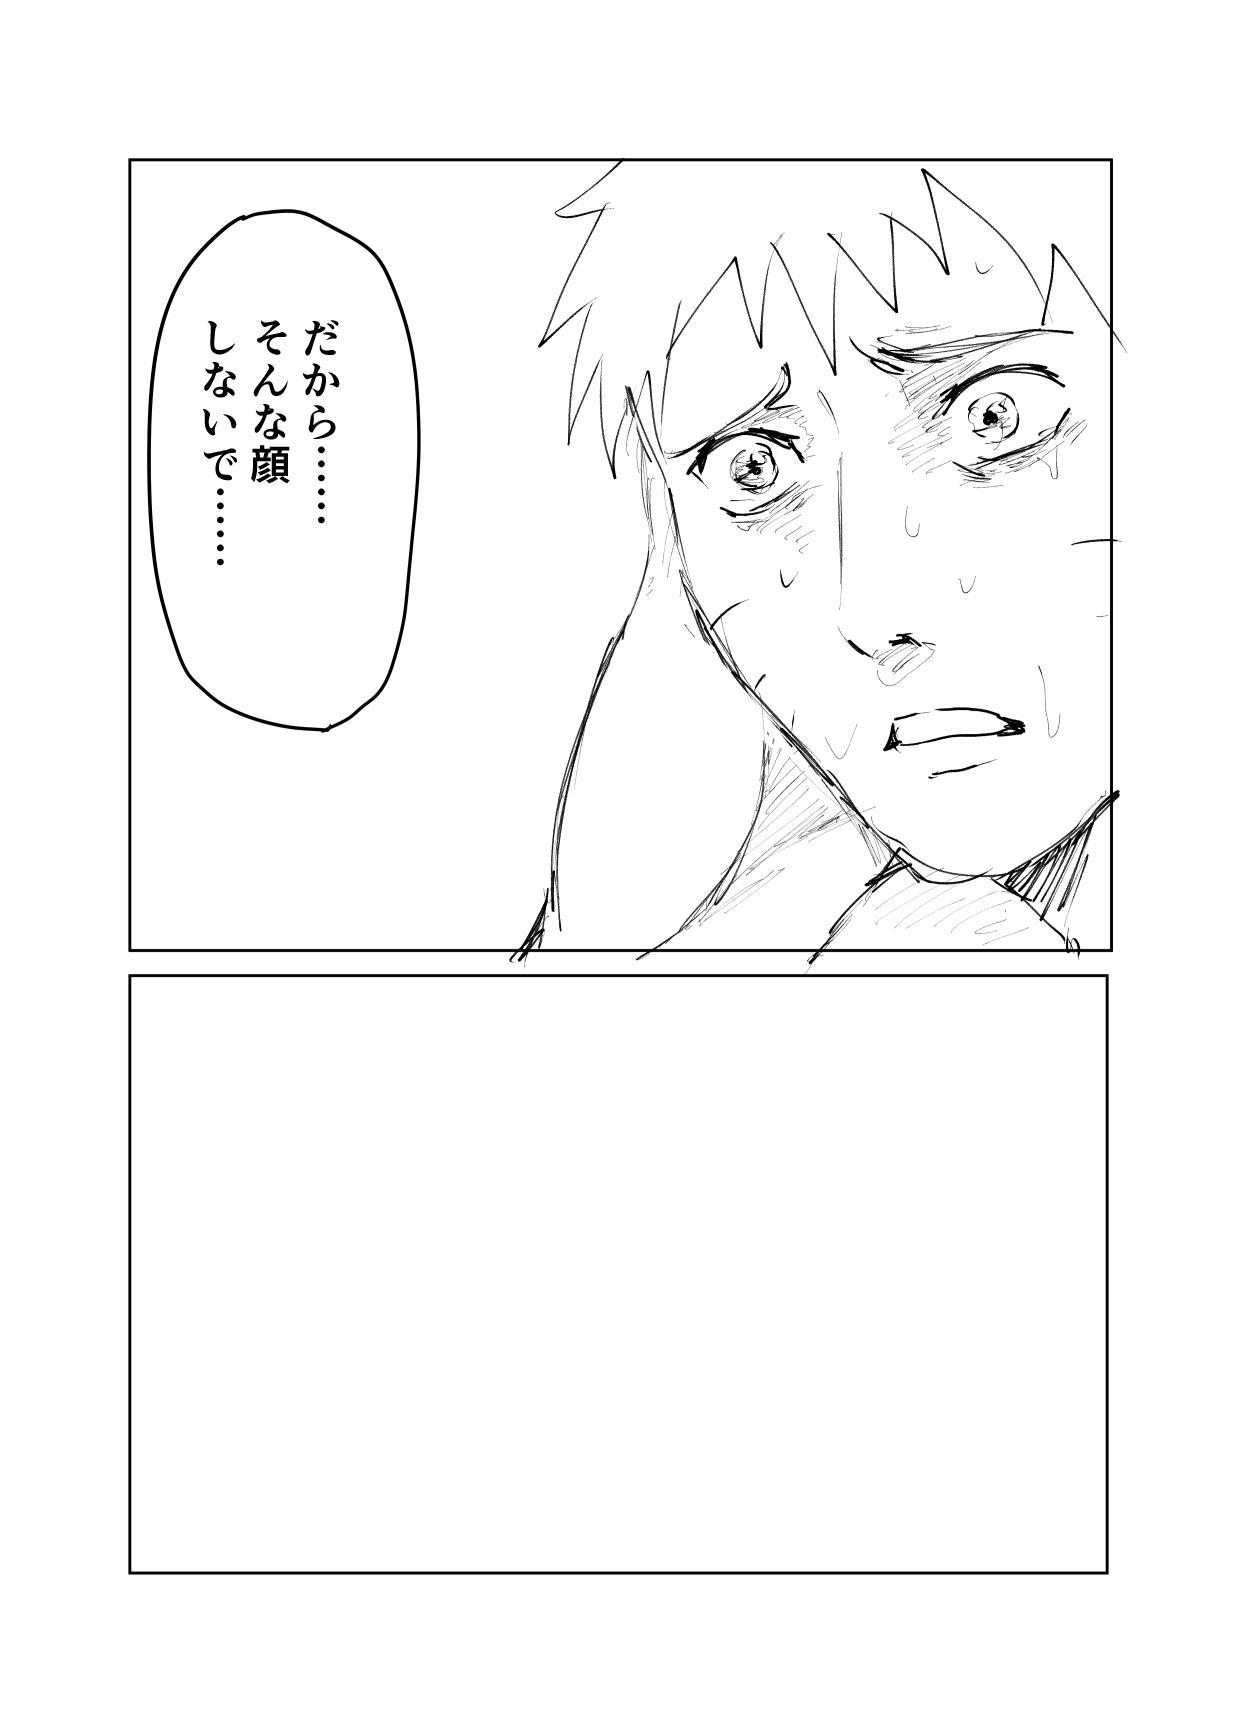 嘘告白漫画 77